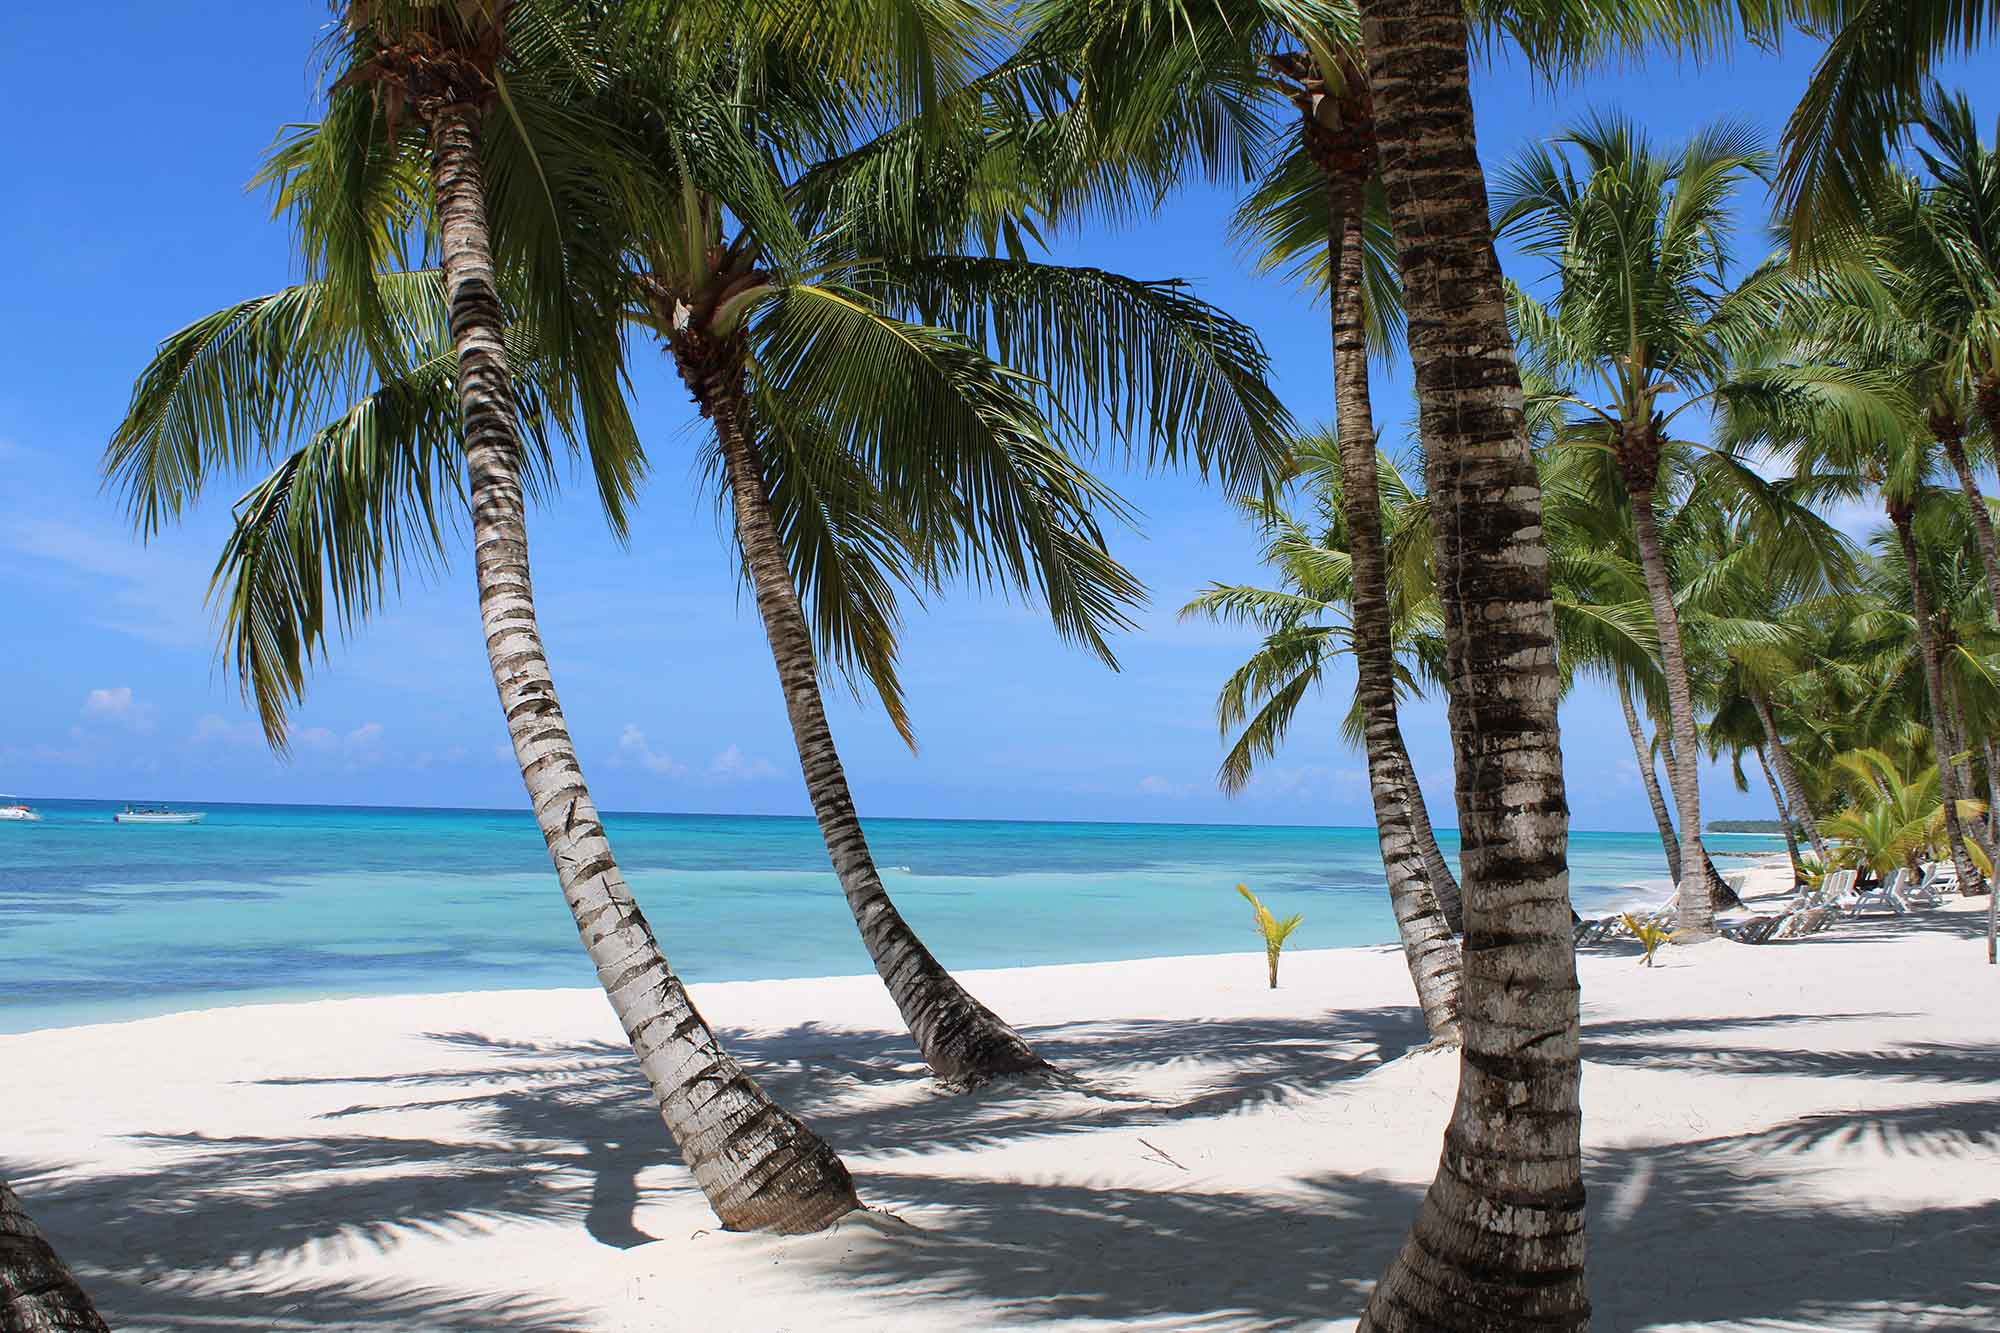 turističke atrakcije, klub zdravih navika, kzn, turističke atrakcije klub zdravih navika, turističke atrakcije kzn, top atrakcije, popularne atrakcije, popularne atrakcije na Dominikani, najlepse plaze na Dominikani, Dominikanska Republika, Dominikana, Karibi, putovanja, travel blog, putovanje u Dominikanu, egzoticno putovanje, lifestyle, zivotni stil, turizam, Iceberg Salat Centar